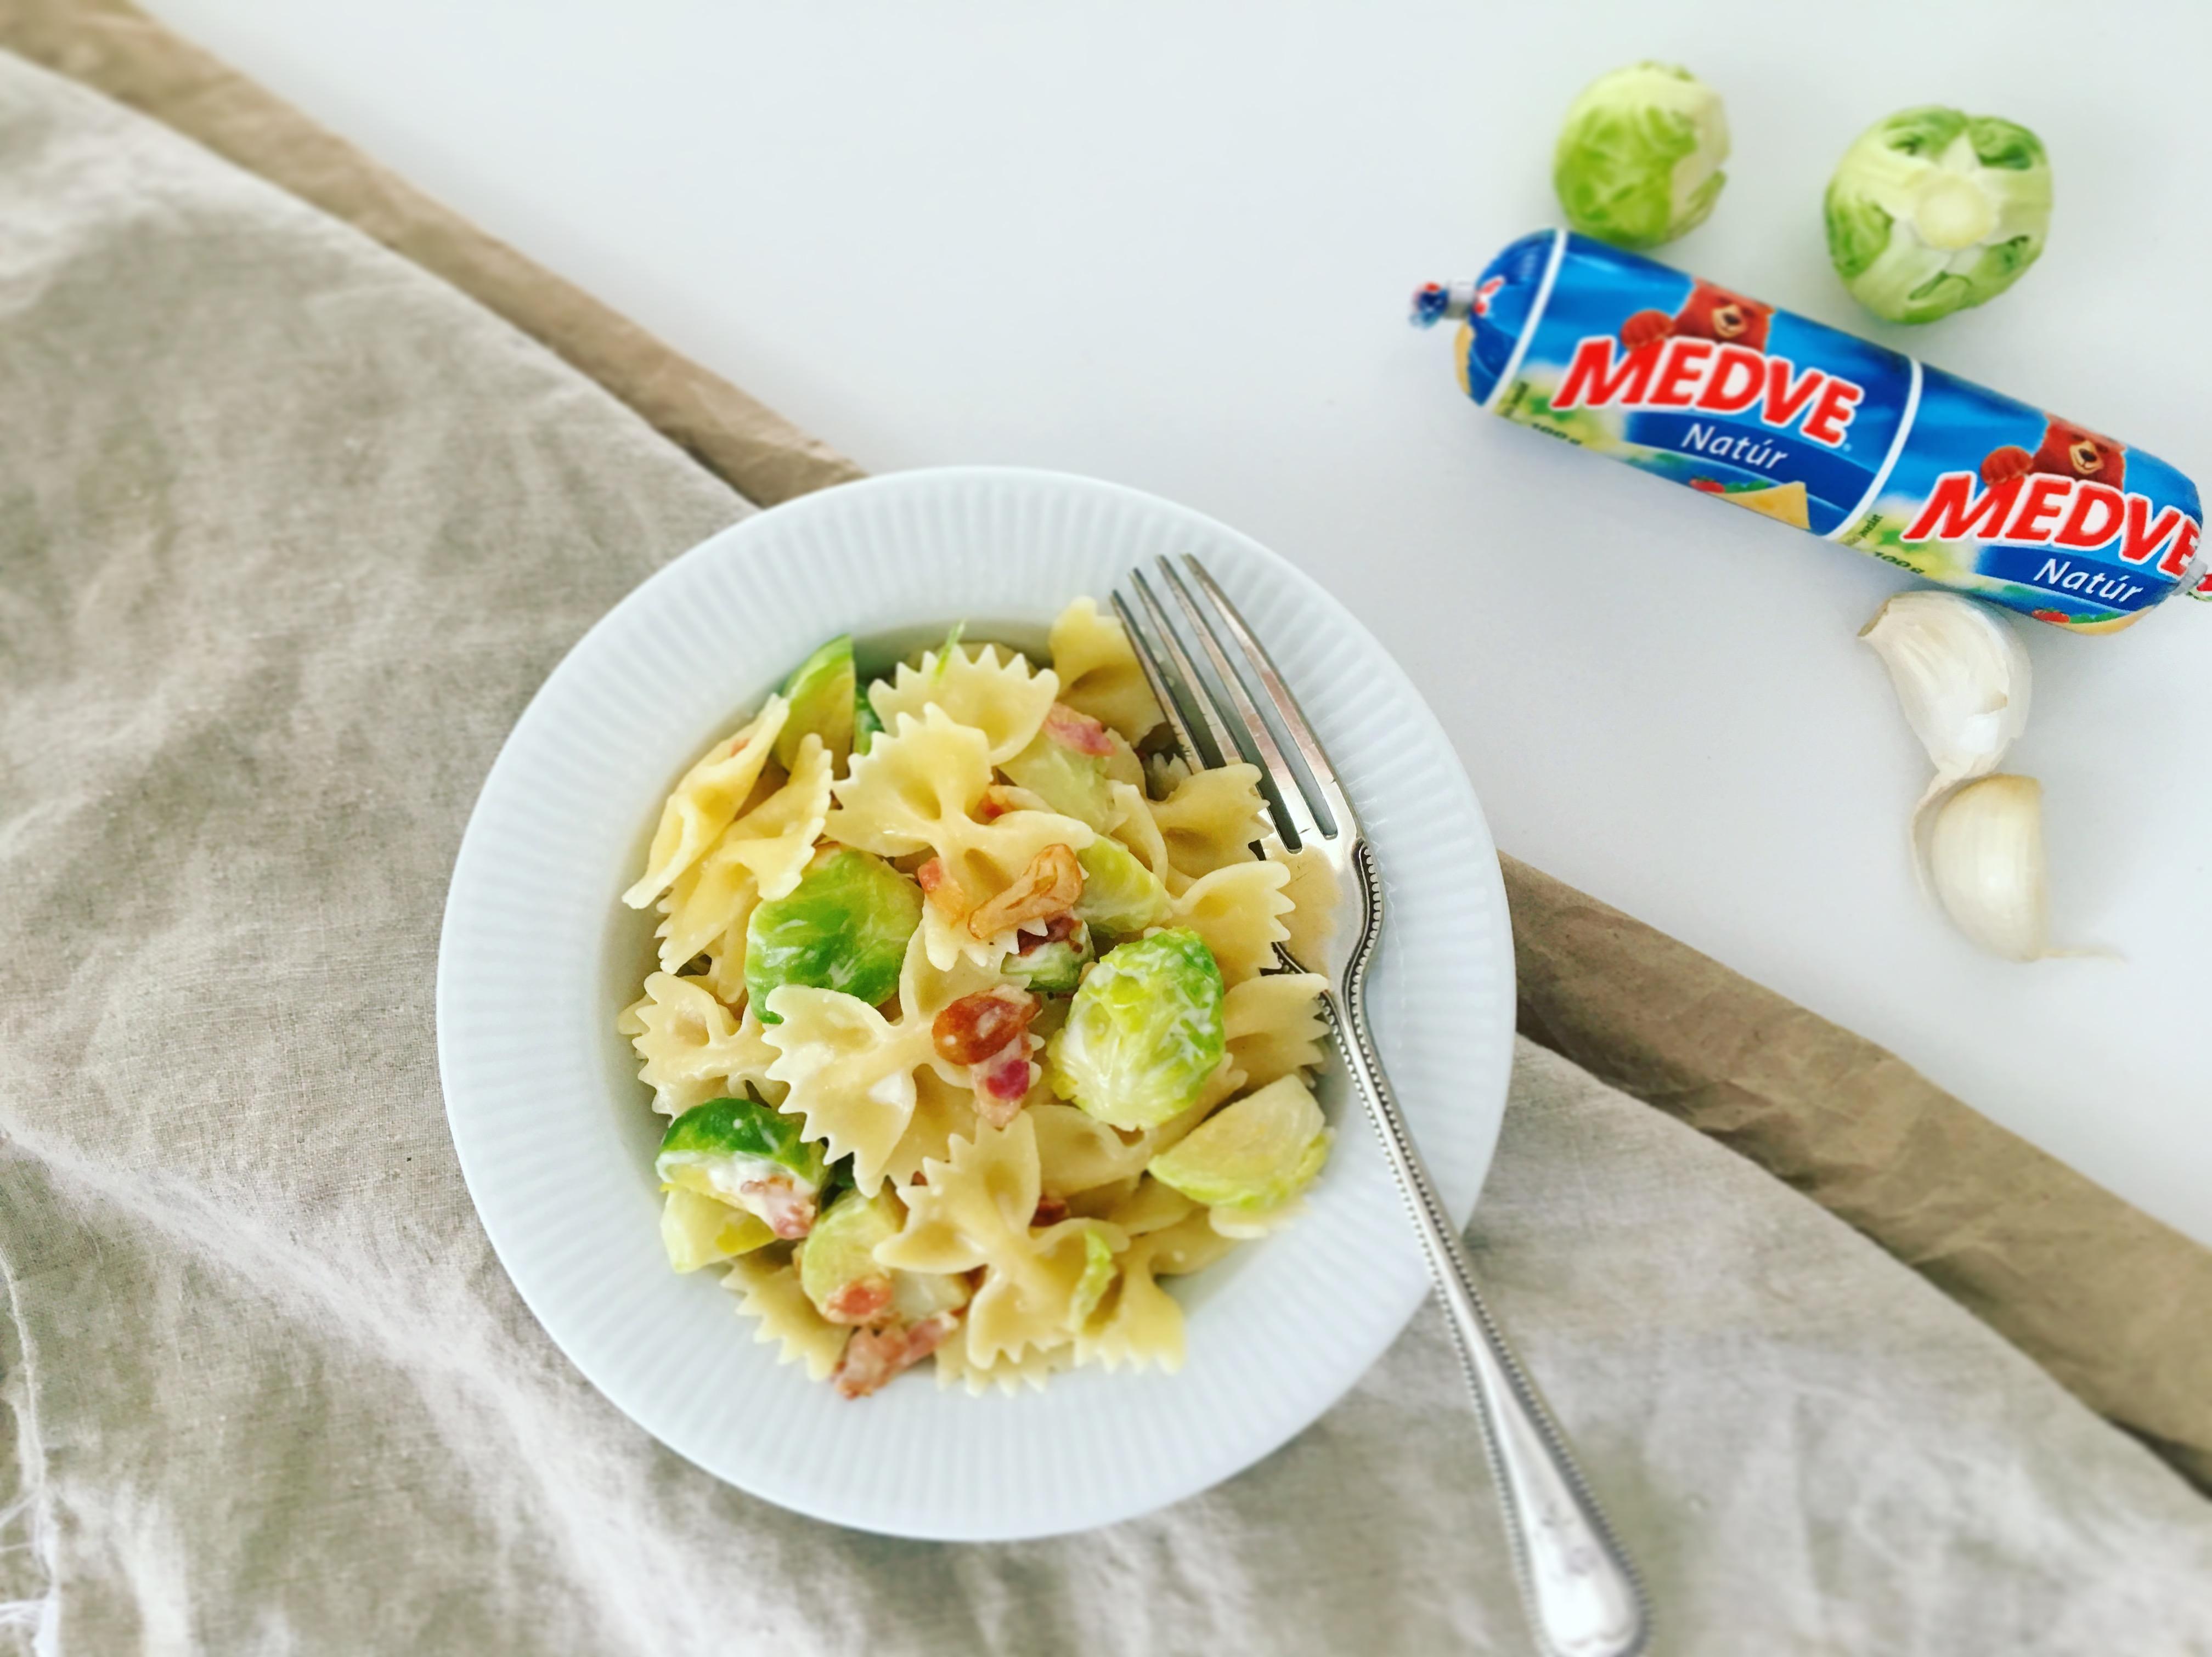 kelbimbos-medve-sajtos-spagetti-5-hozzavalobol_2.JPG